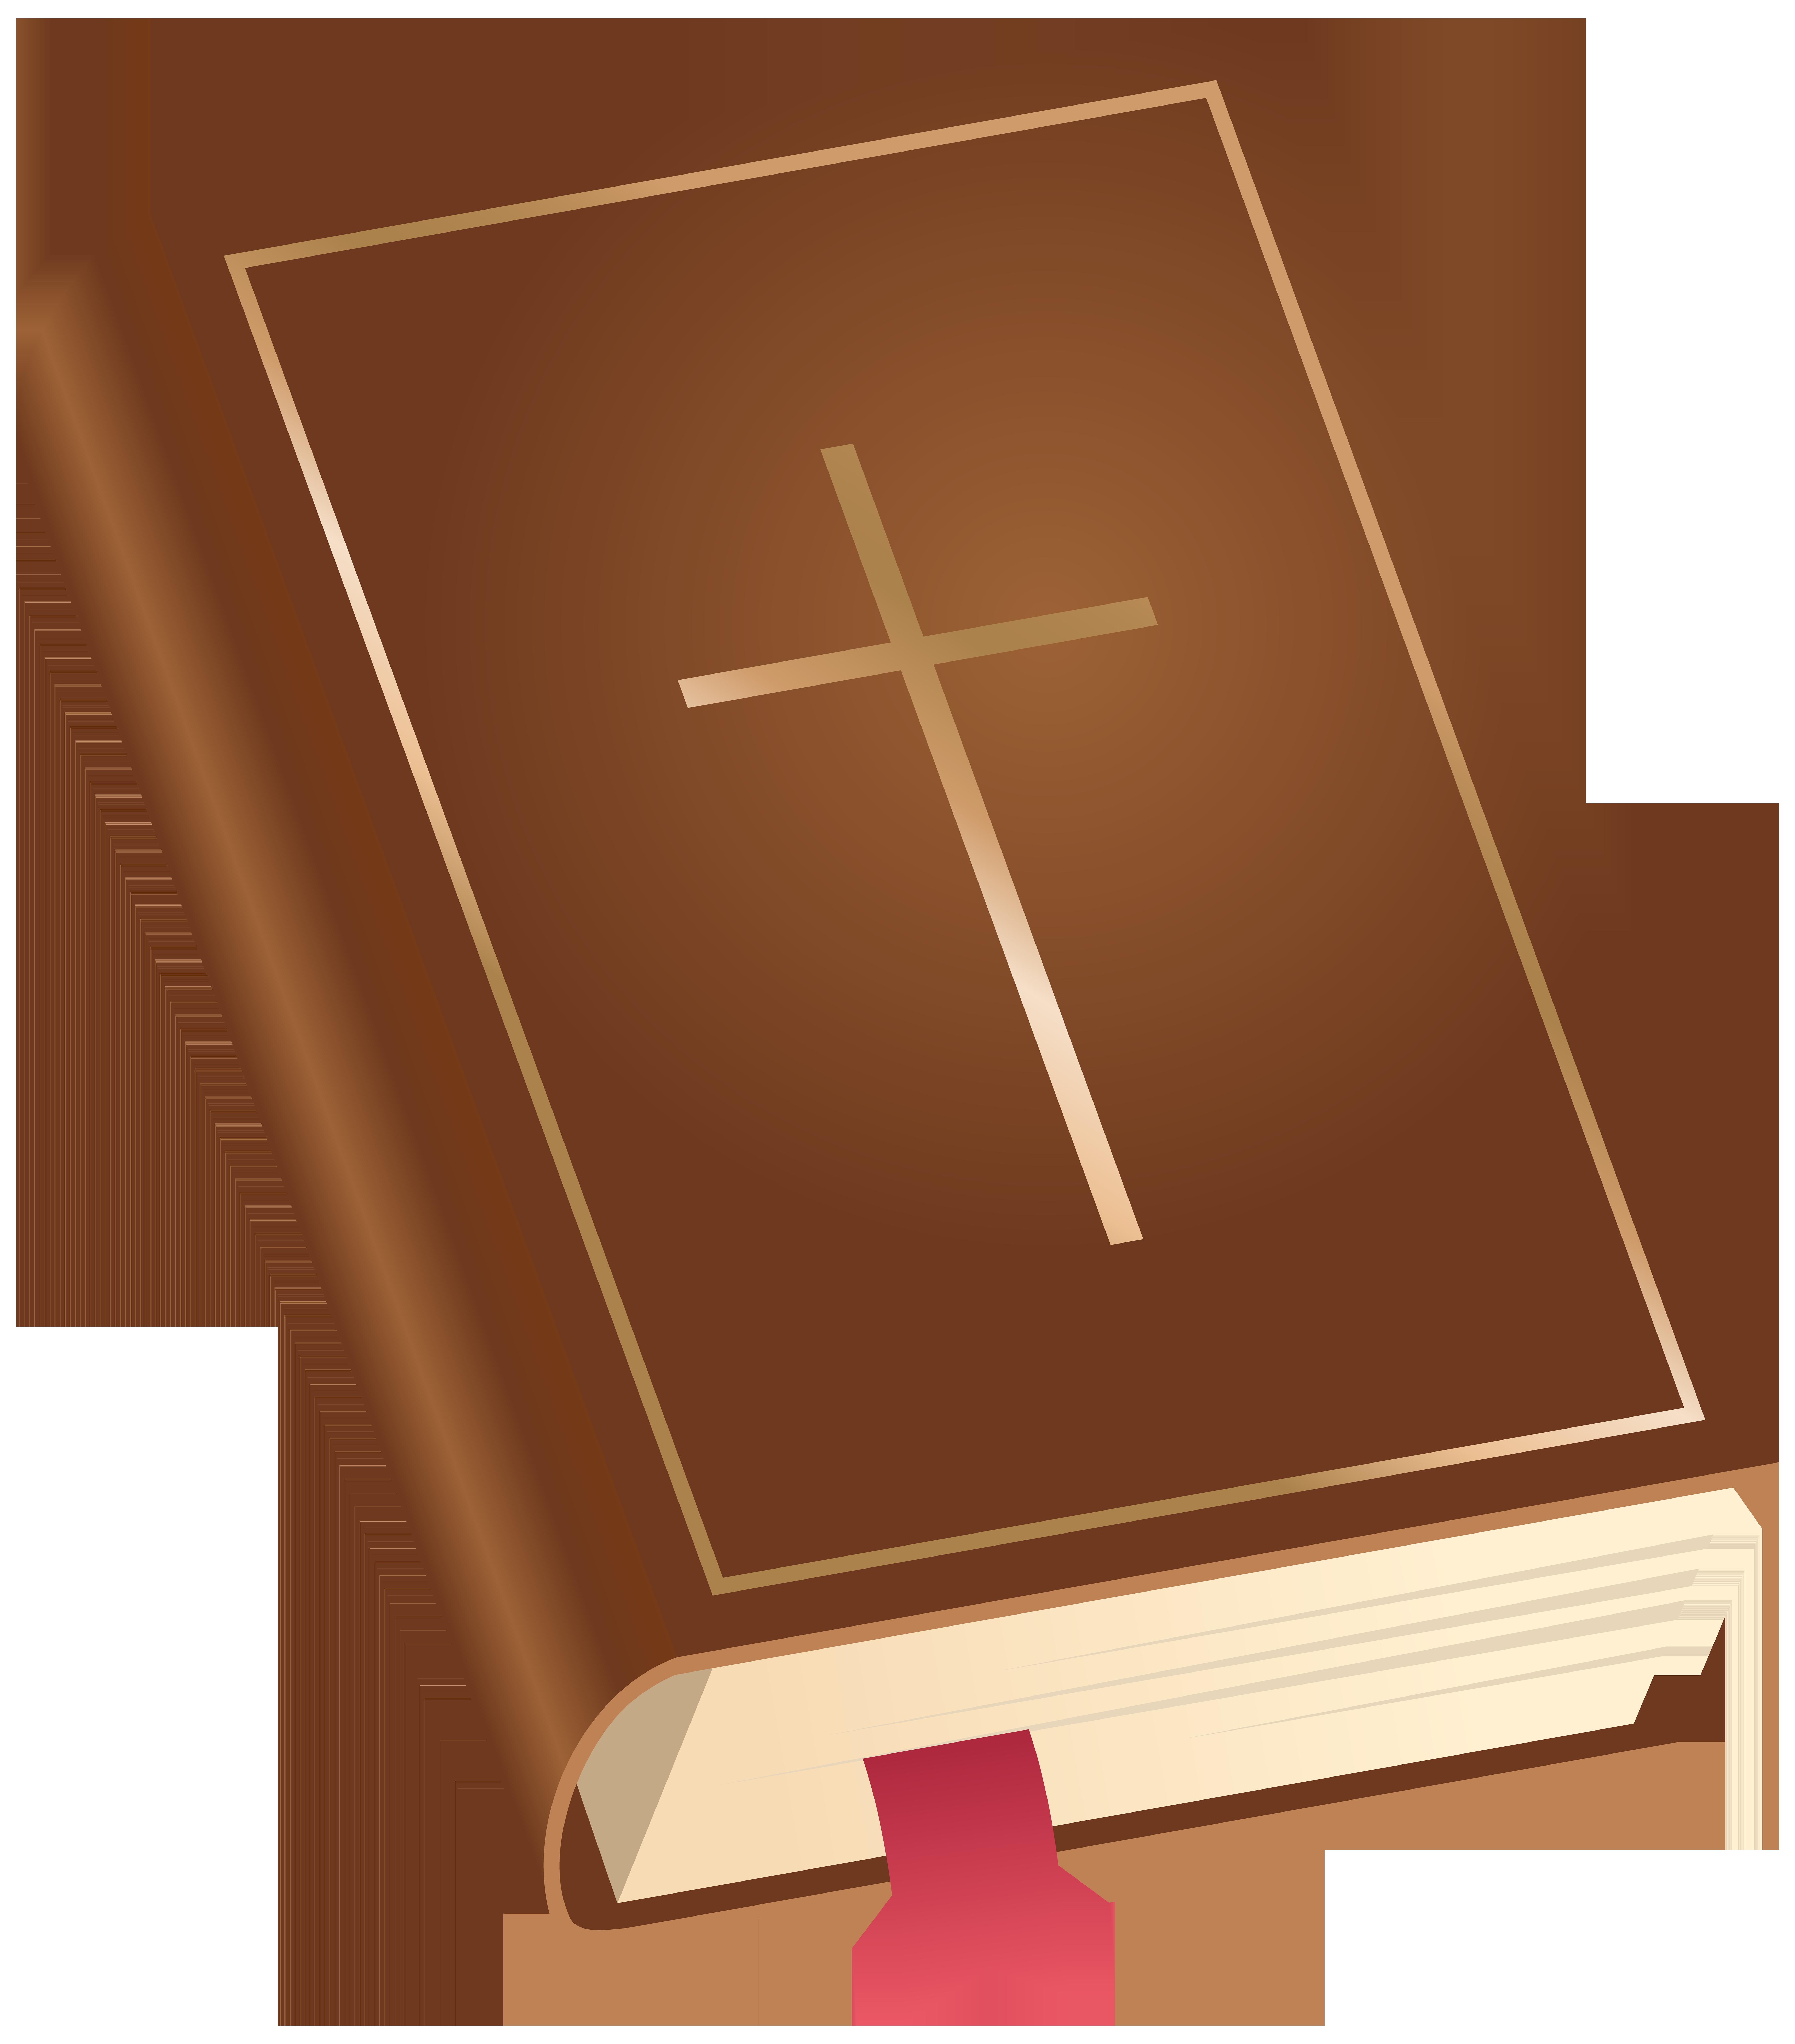 Bible png images. Transparent clip art image